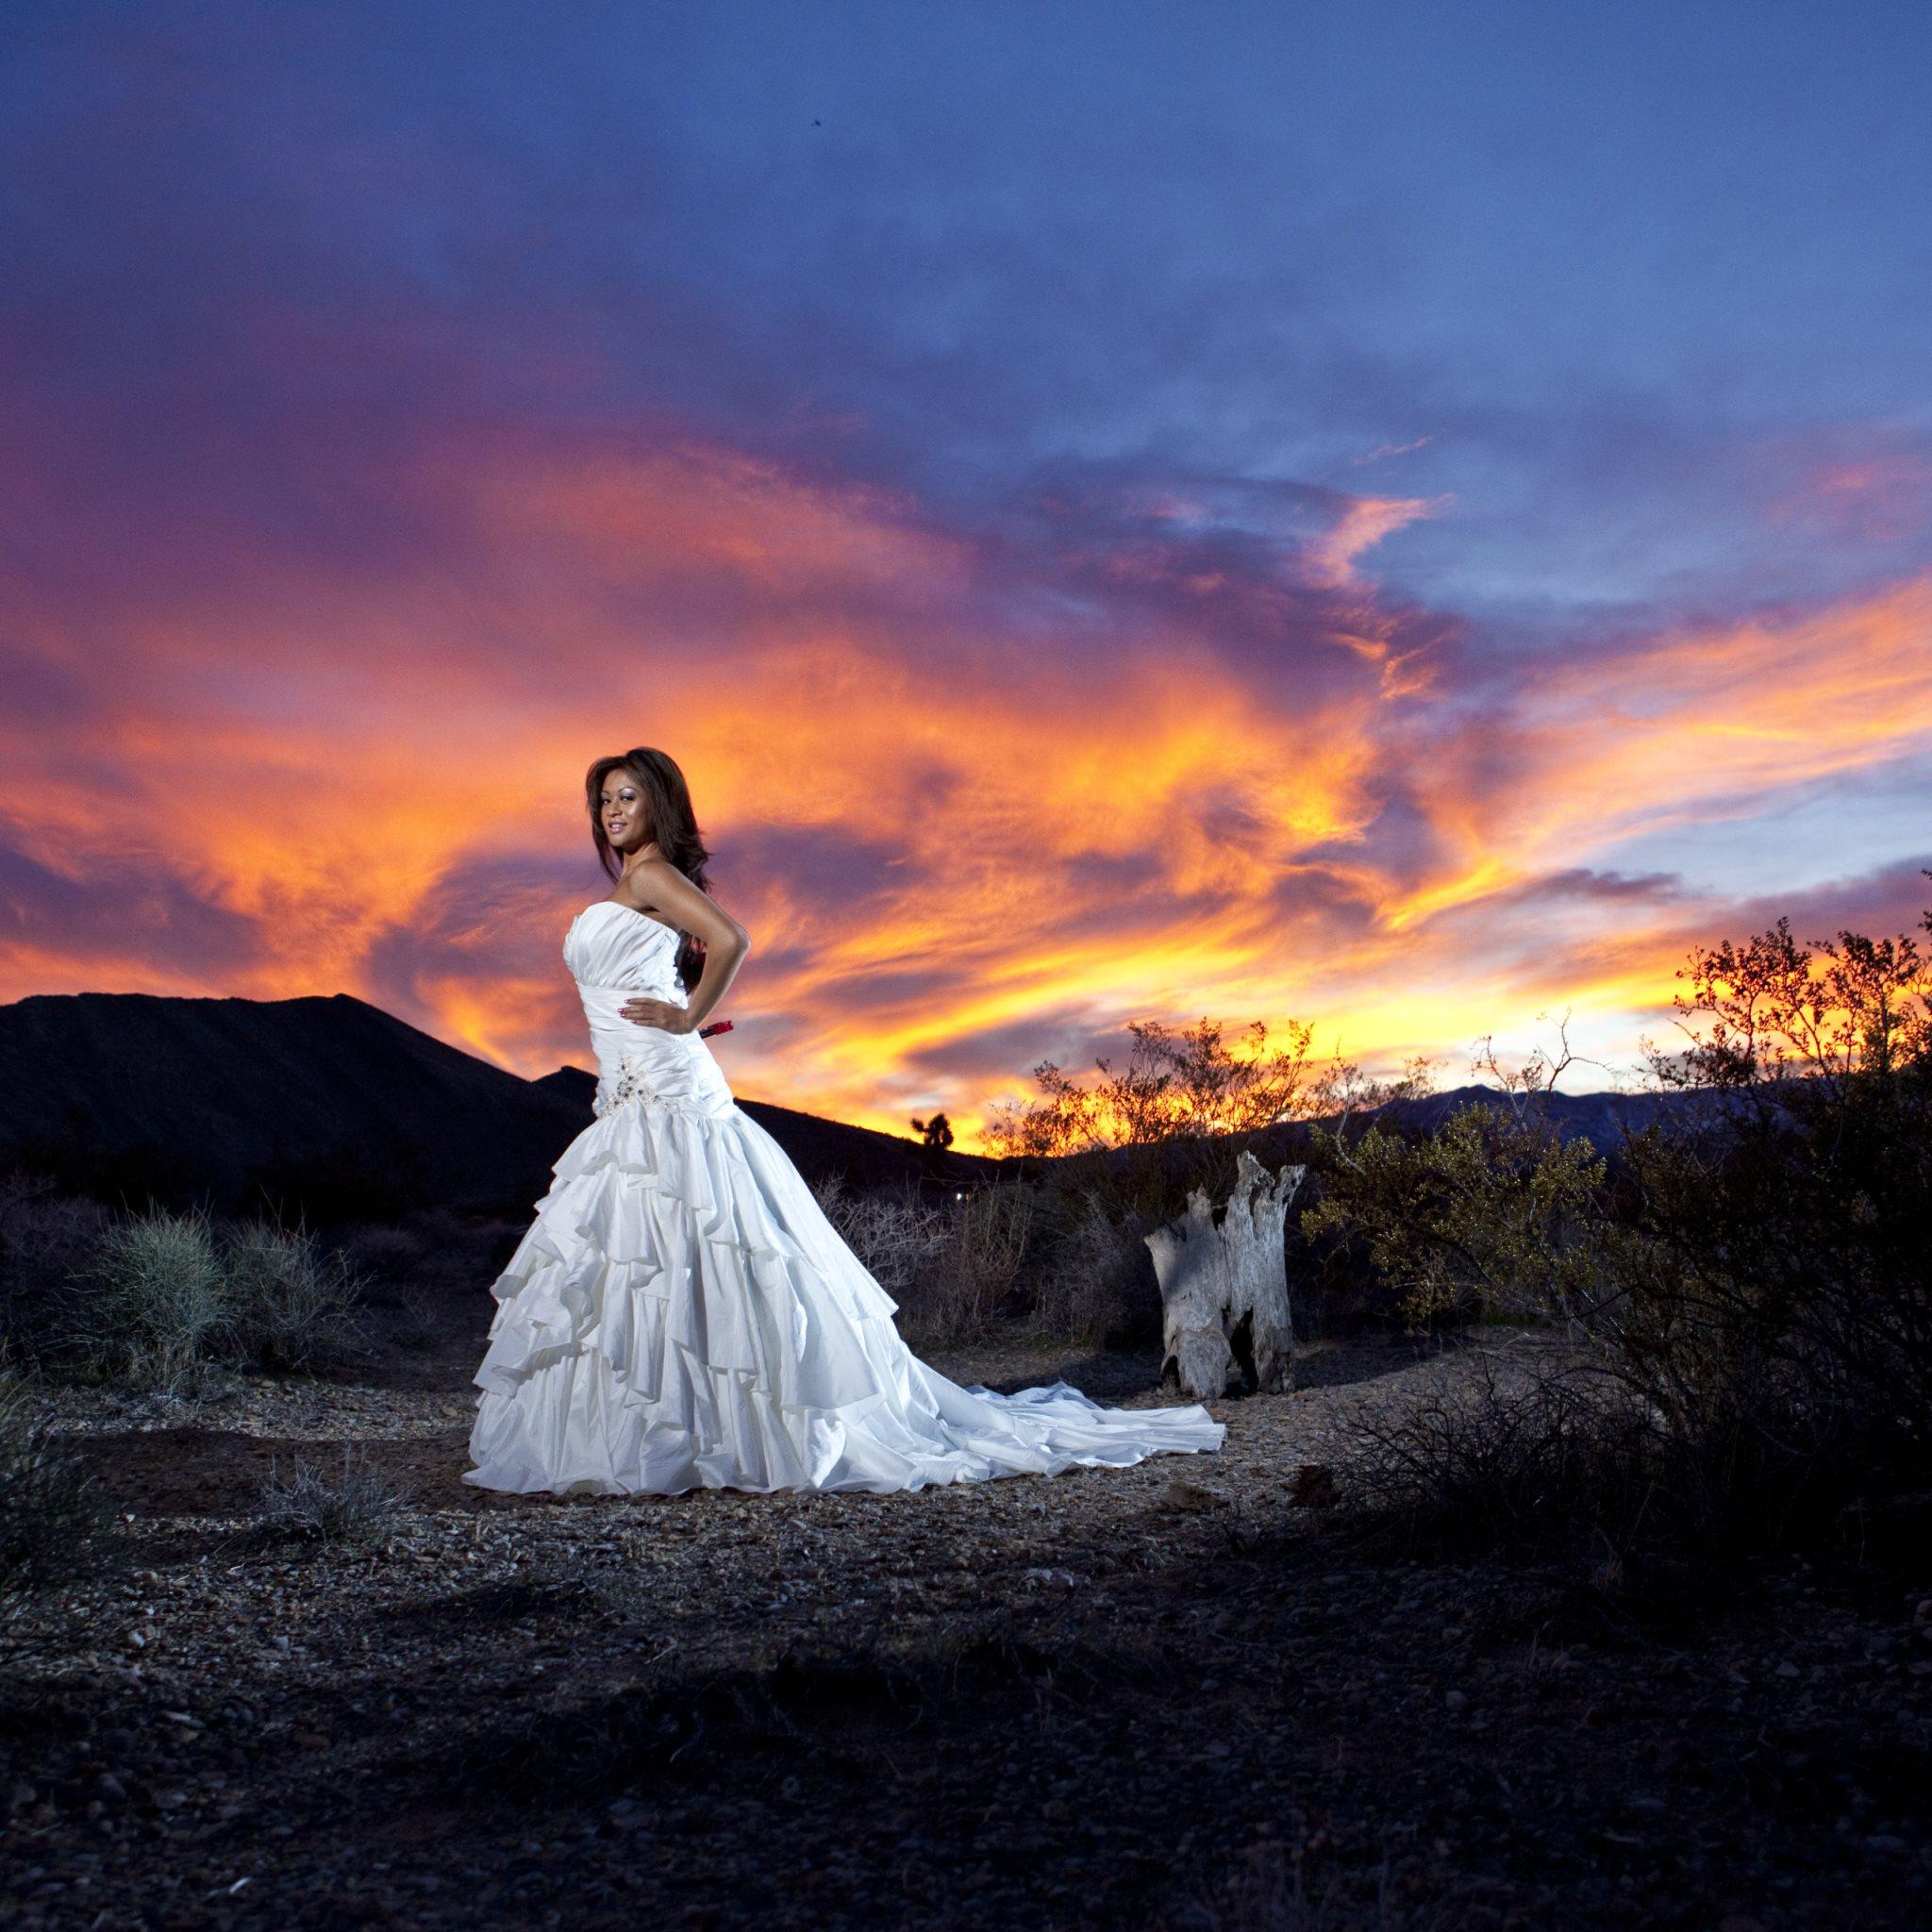 Wedding Backgrounds - The Printable Wedding Free wedding photo backgrounds